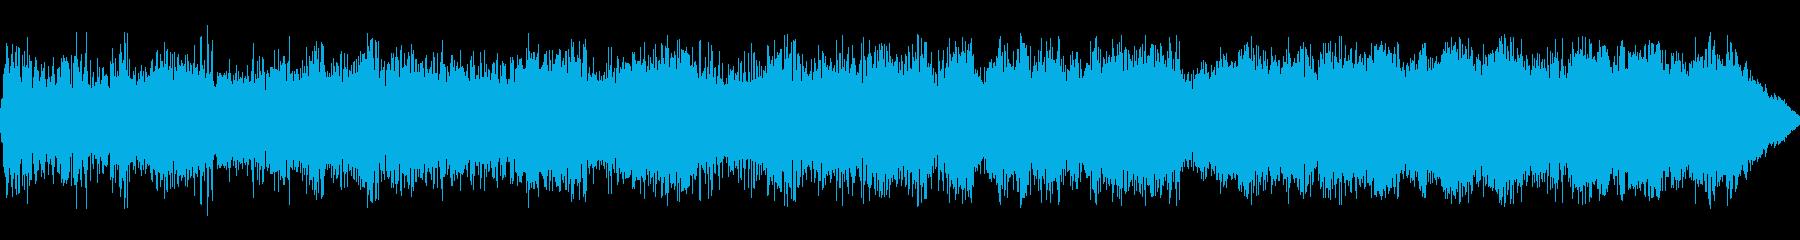 ダイナモ巻き上げスワイプ1の再生済みの波形